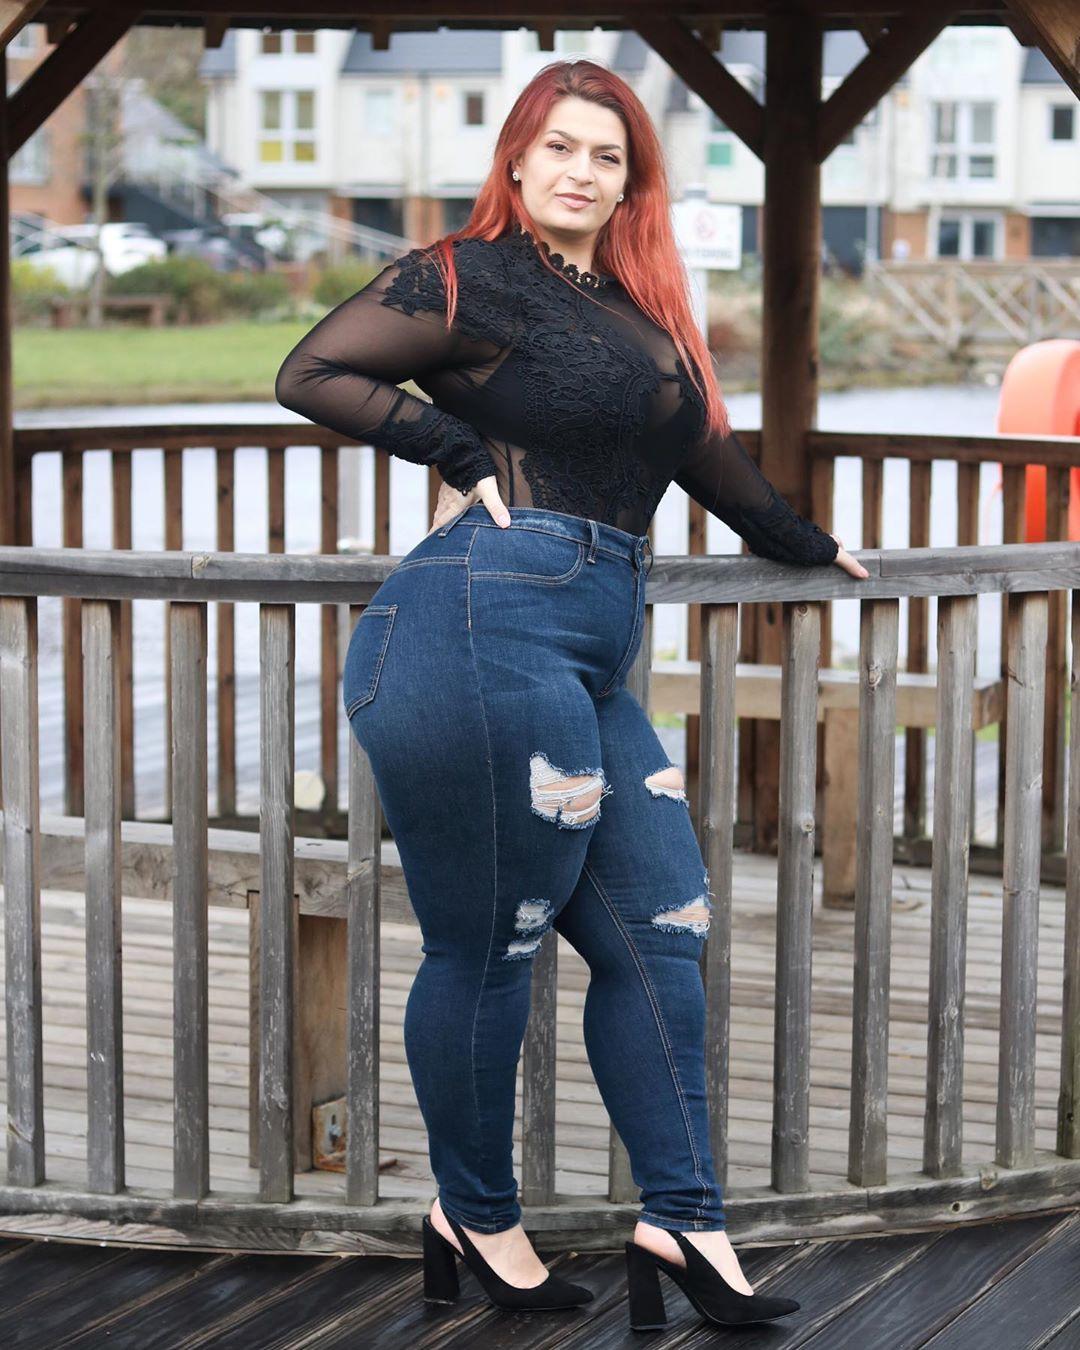 blue dresses ideas with denim, jeans, legs photo